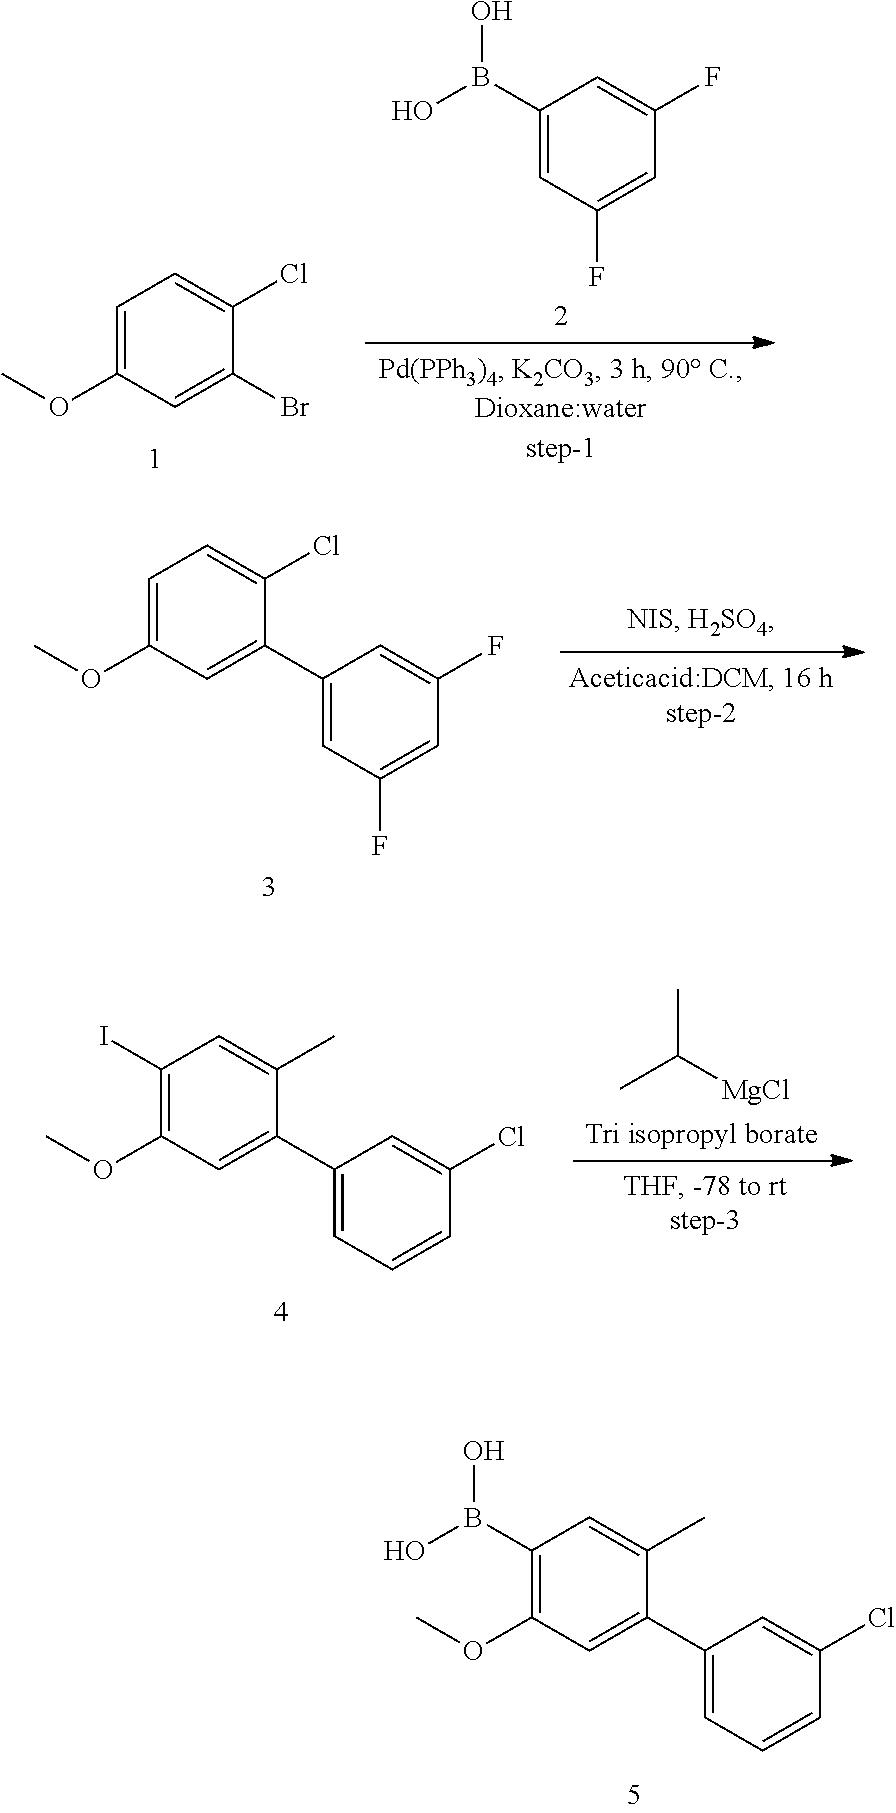 Figure US09212182-20151215-C00172